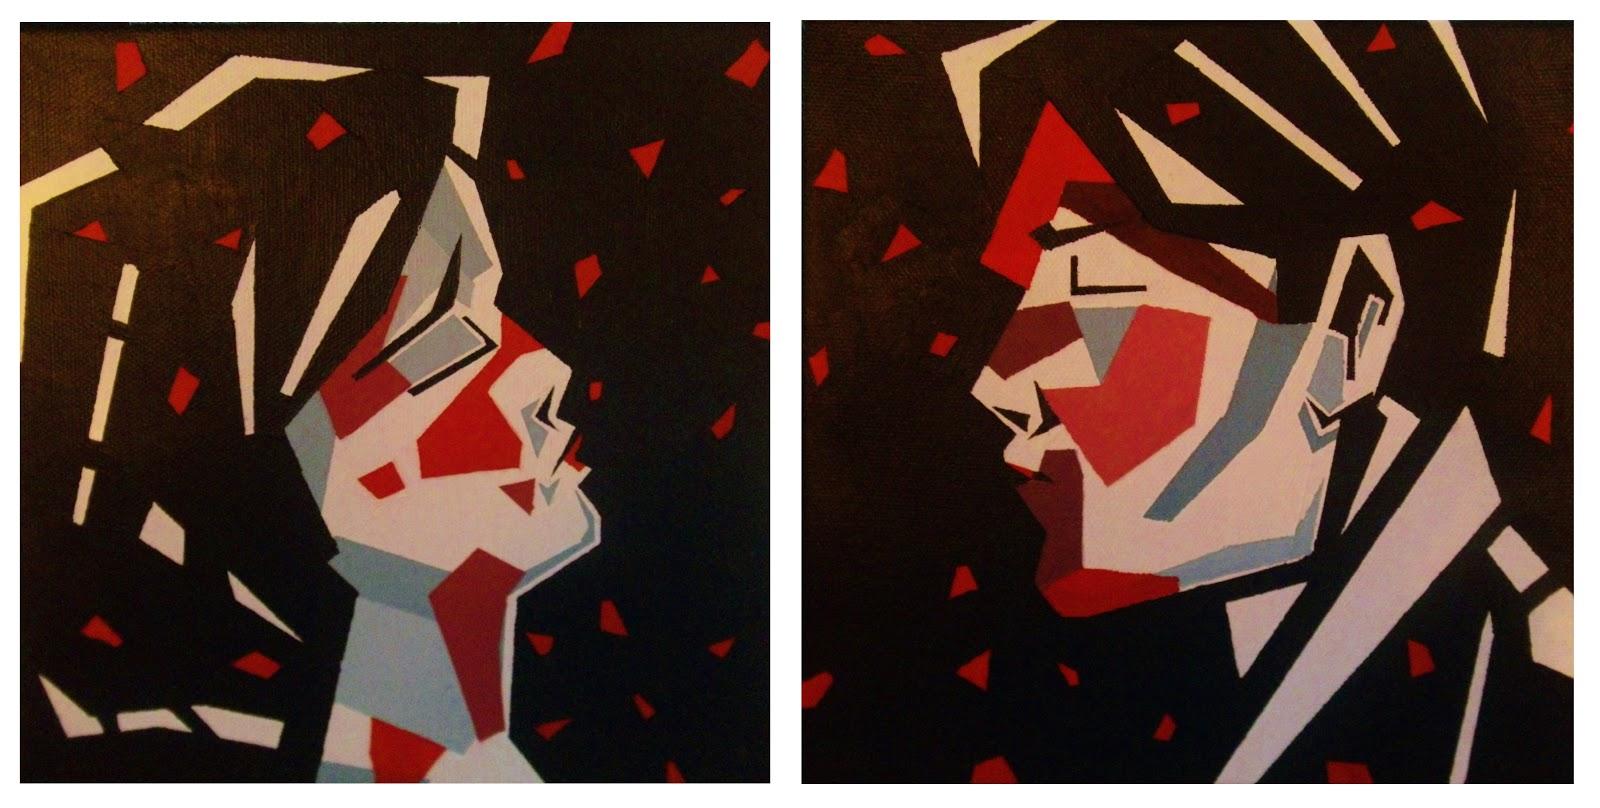 My Art: Three Cheers for Sweet Revenge inspired painting.